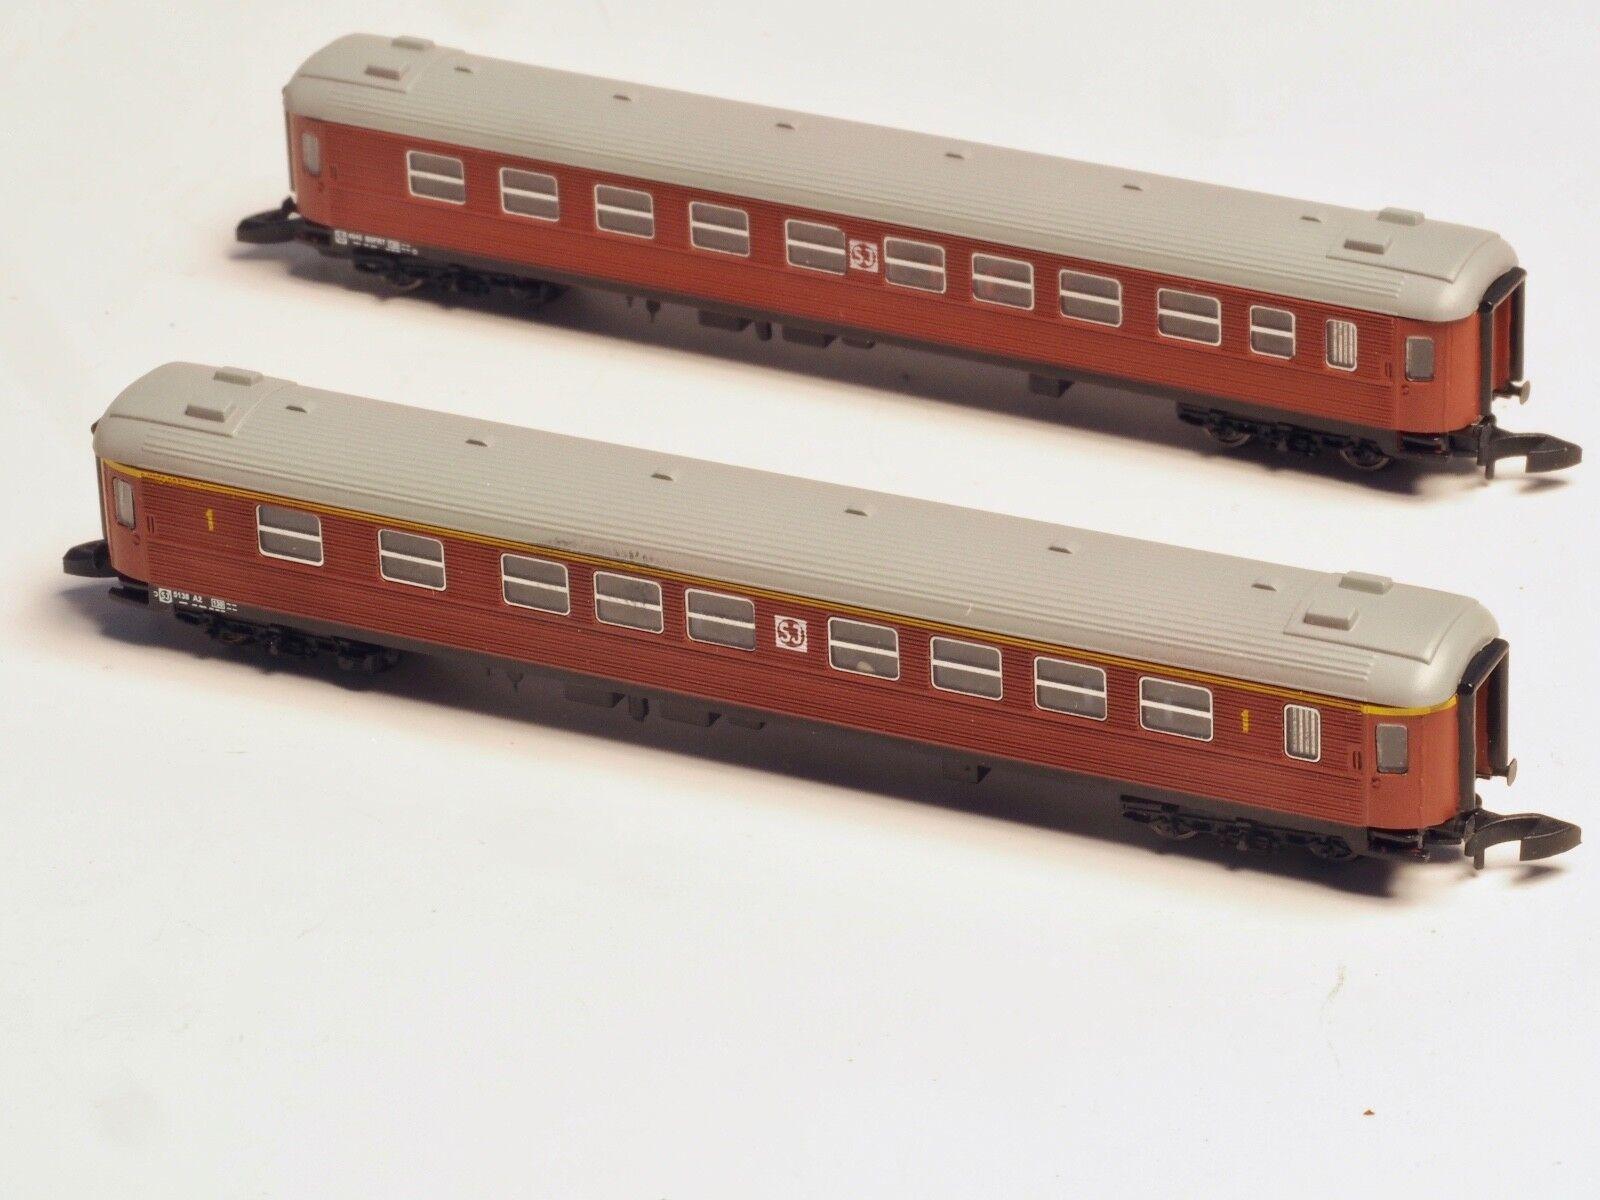 Dos SJ litt B y a clase FR - Z en vehículos, clase I y clase II RR Suecia